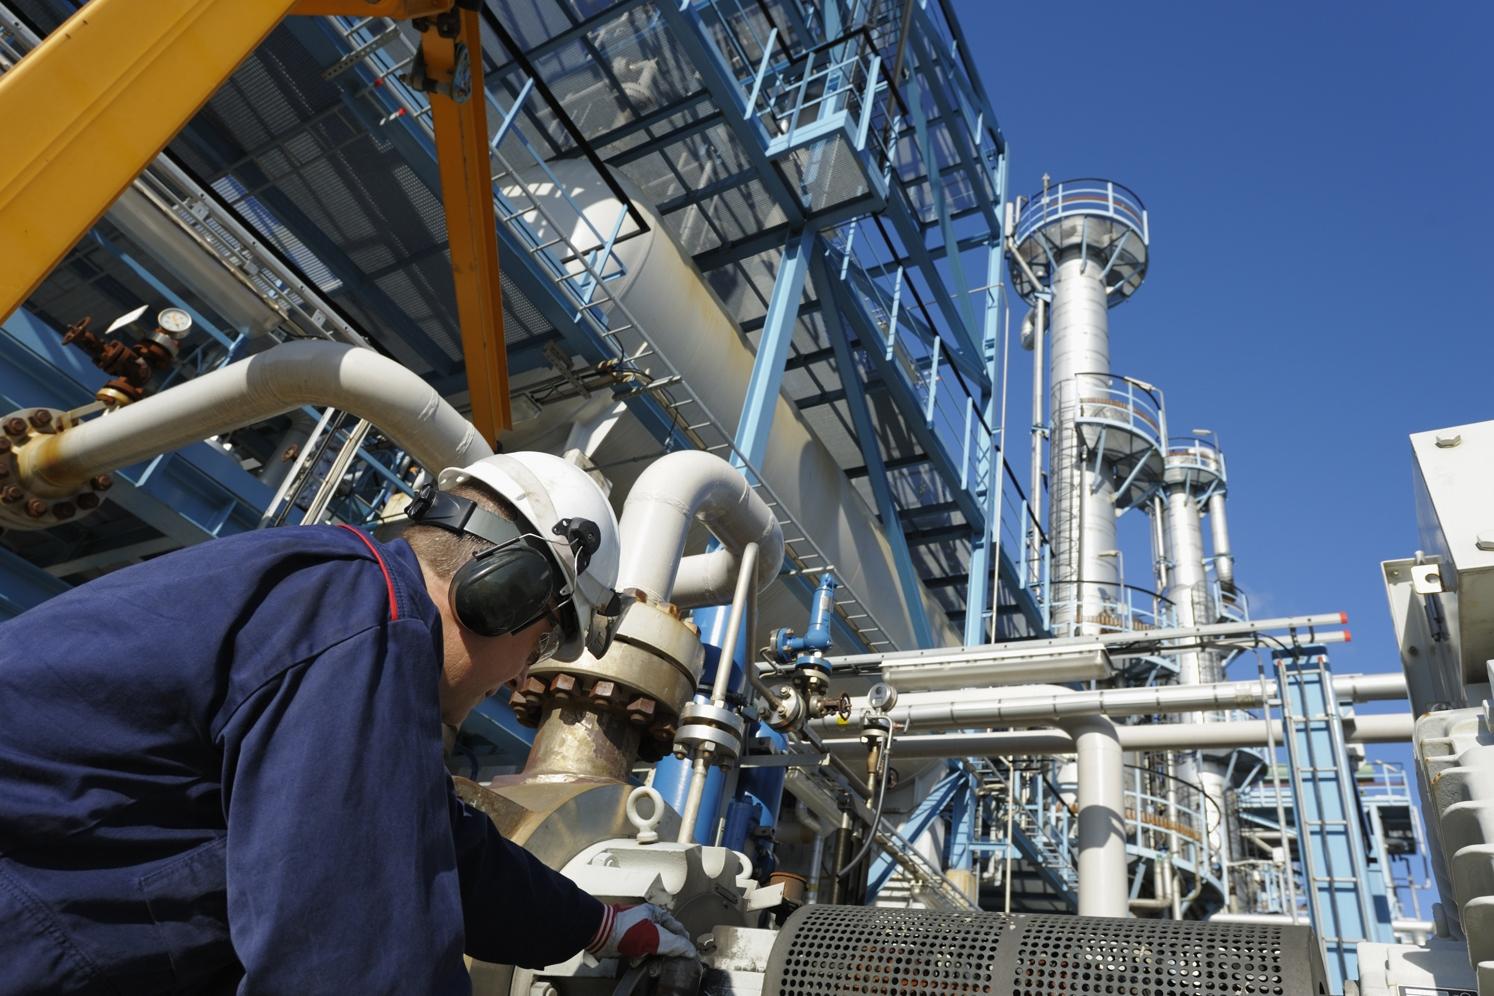 Иностранцев теснят на нефтесервисном рынке, Нефть, нефтесервисные компании, Тенгиз, Карачаганак, Кашаган, ТШО, CNPC